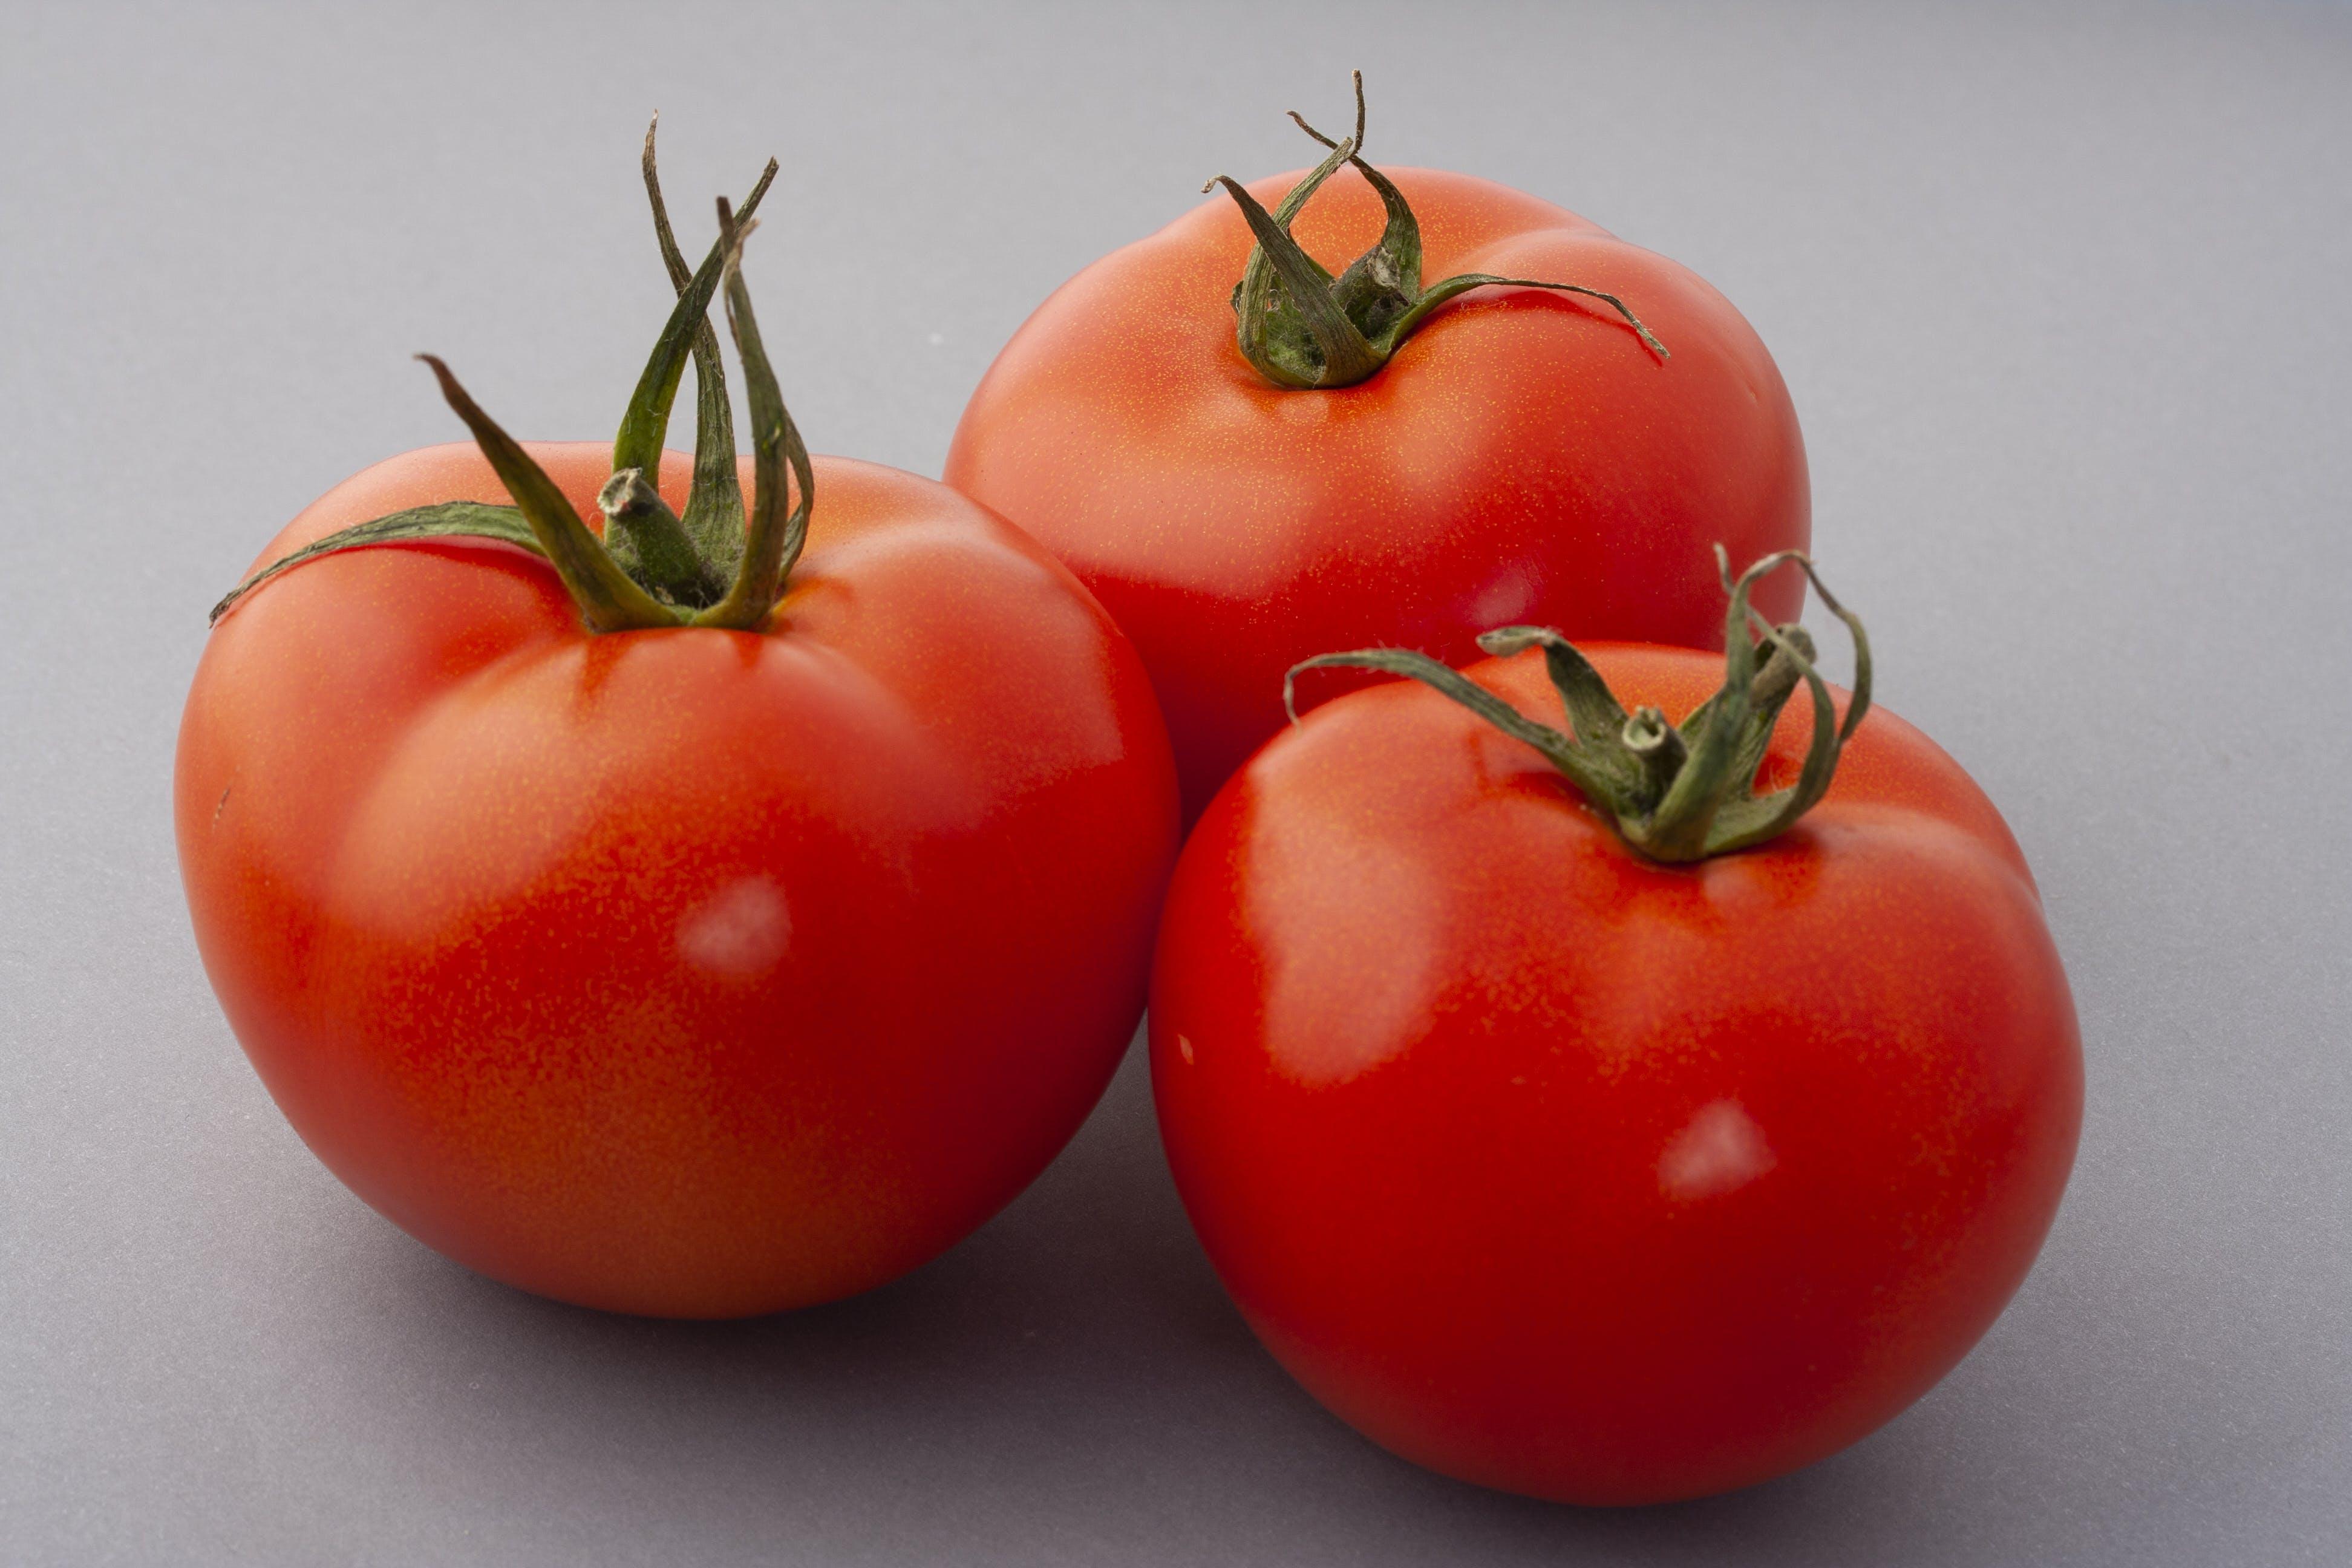 Kostenloses Stock Foto zu essen, frucht, gemüse, gesund